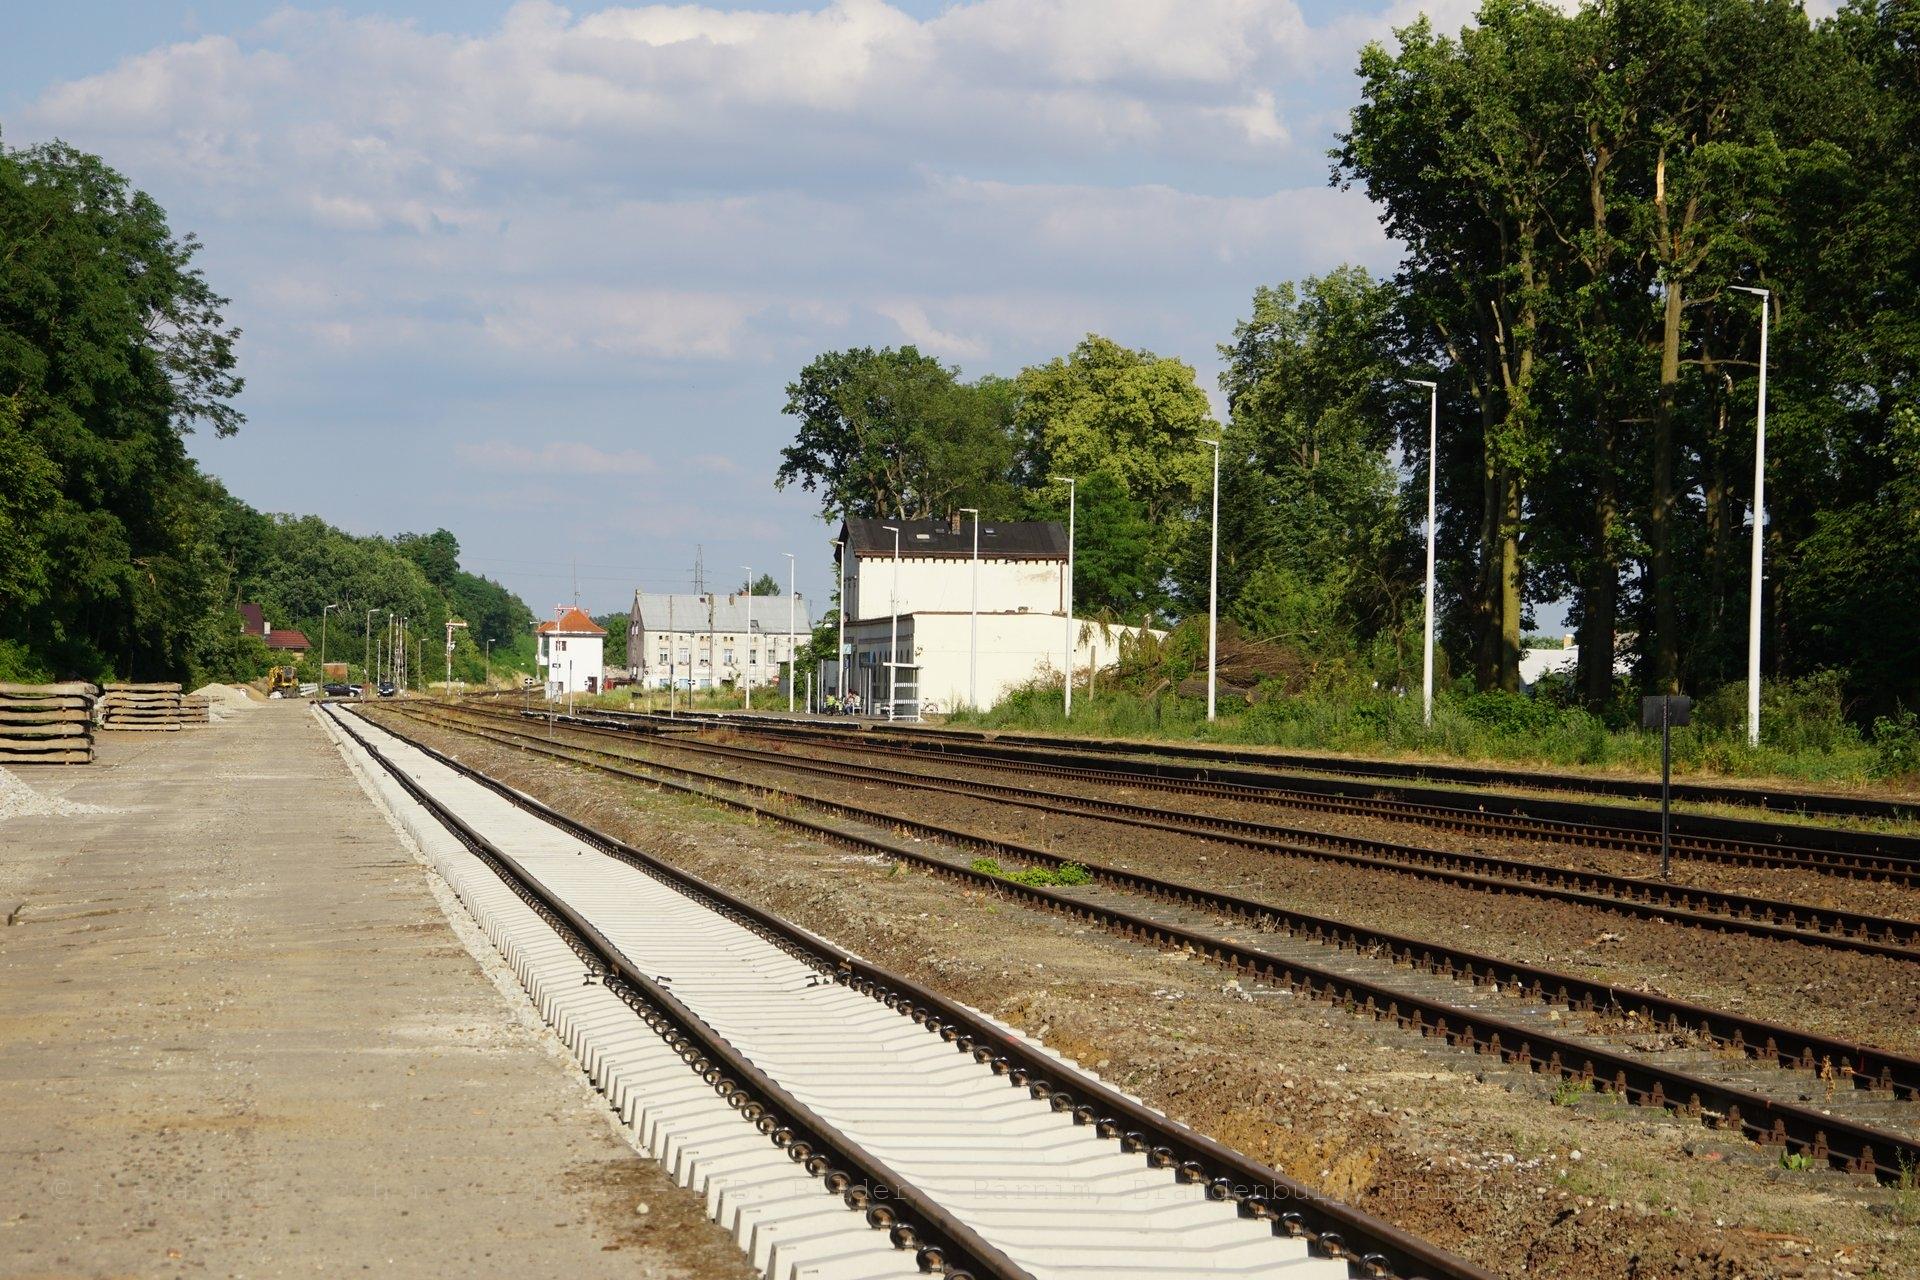 Gleisbau am Bahnhof von Nowe Drezdenko